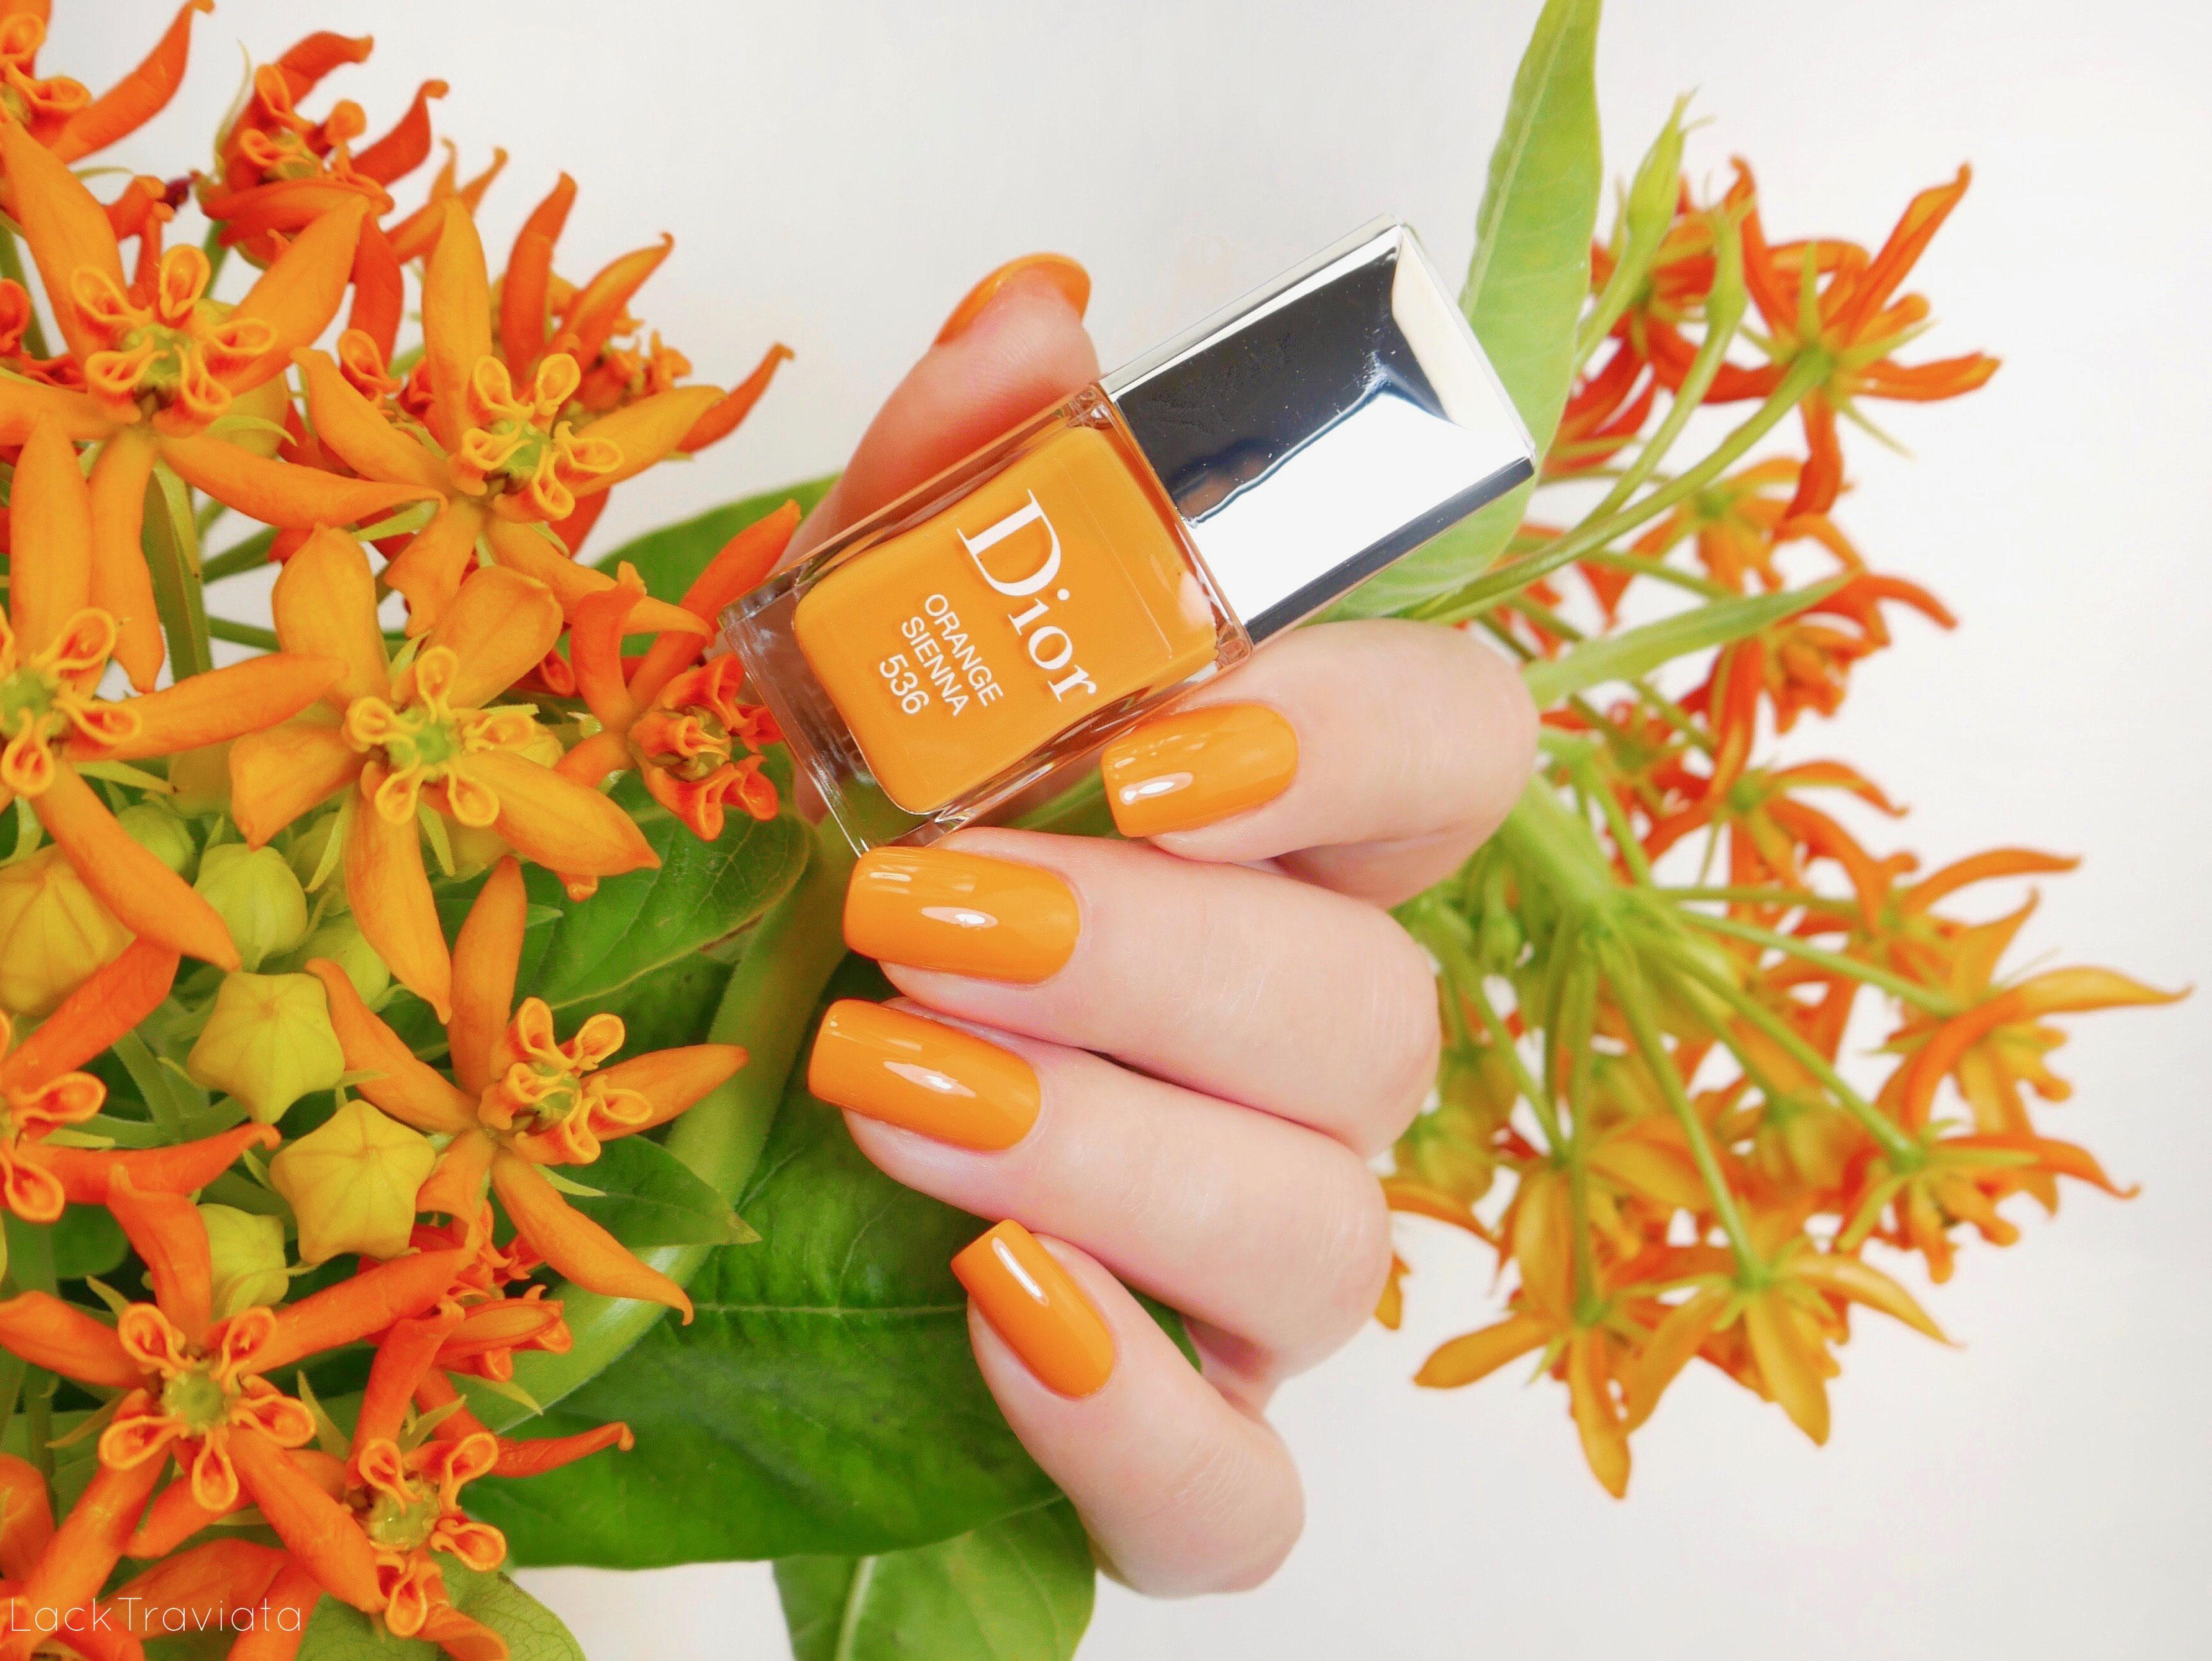 Dior Orange Sienna 536 Dior Wild Earth Collection Summer 2019 Lacktraviata Nagellack Liebe